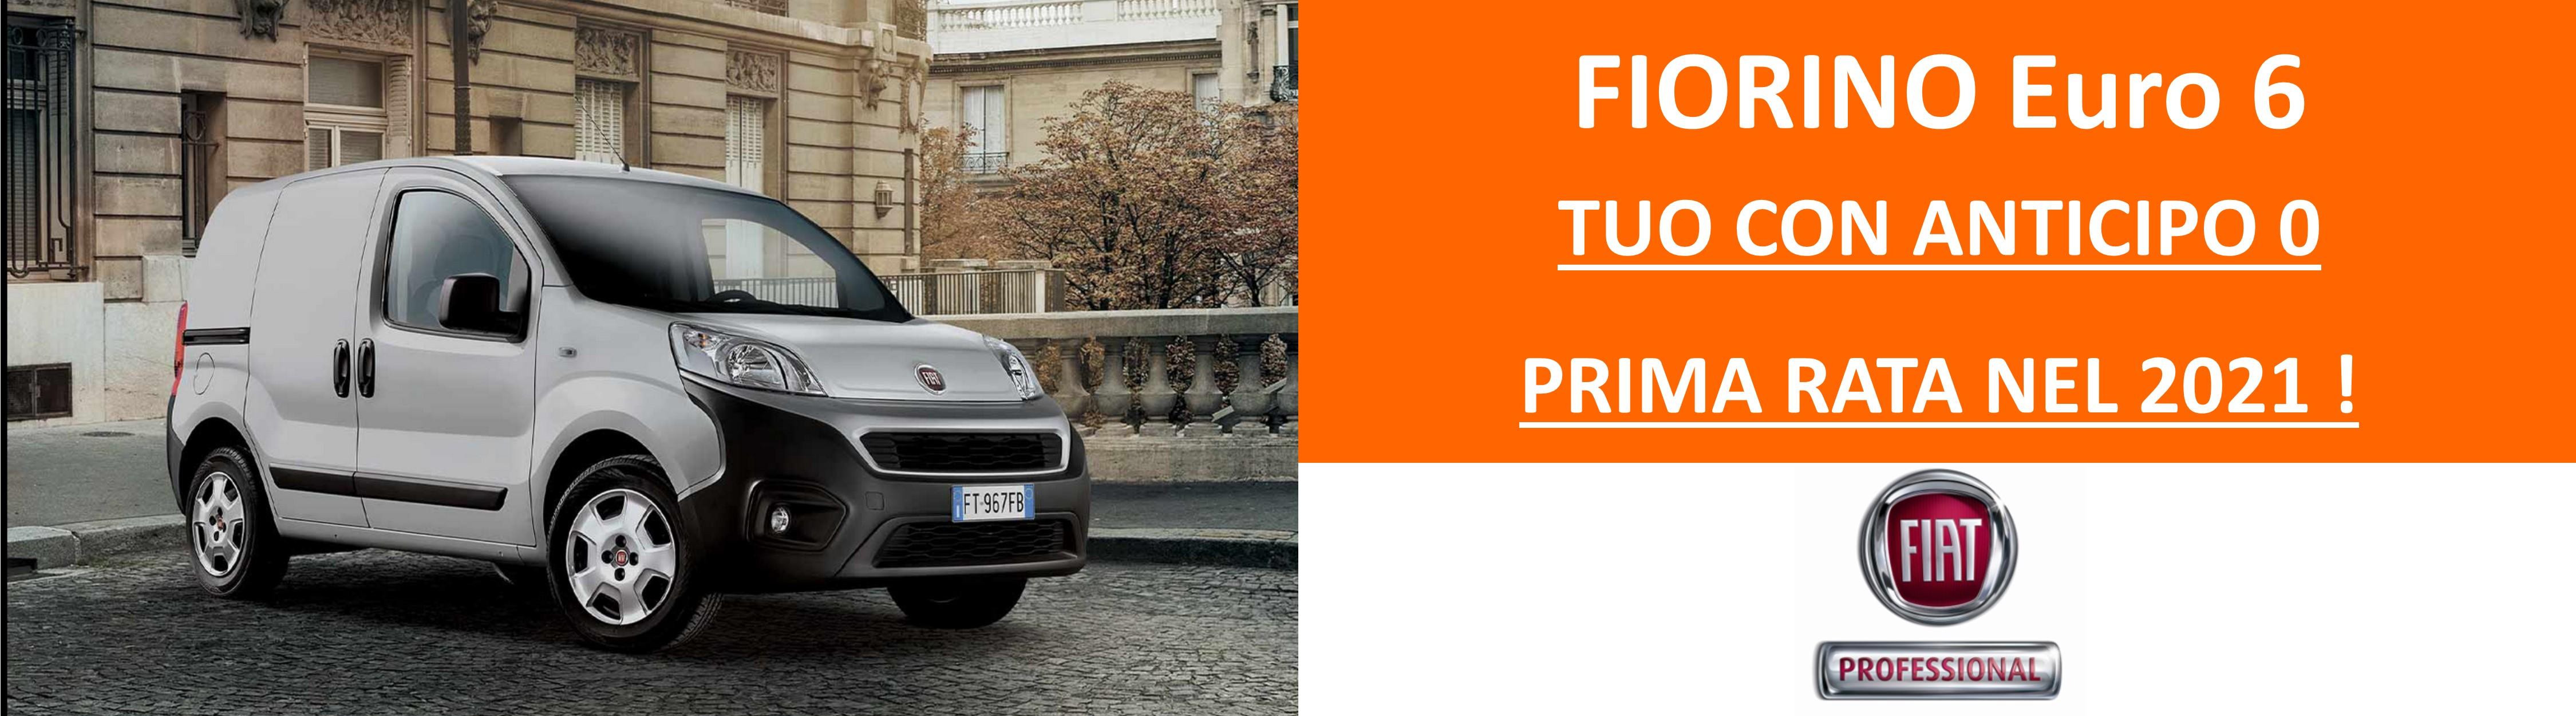 FIORINO Fiat Professional: anticipo Zero e prima rata nel 2021!